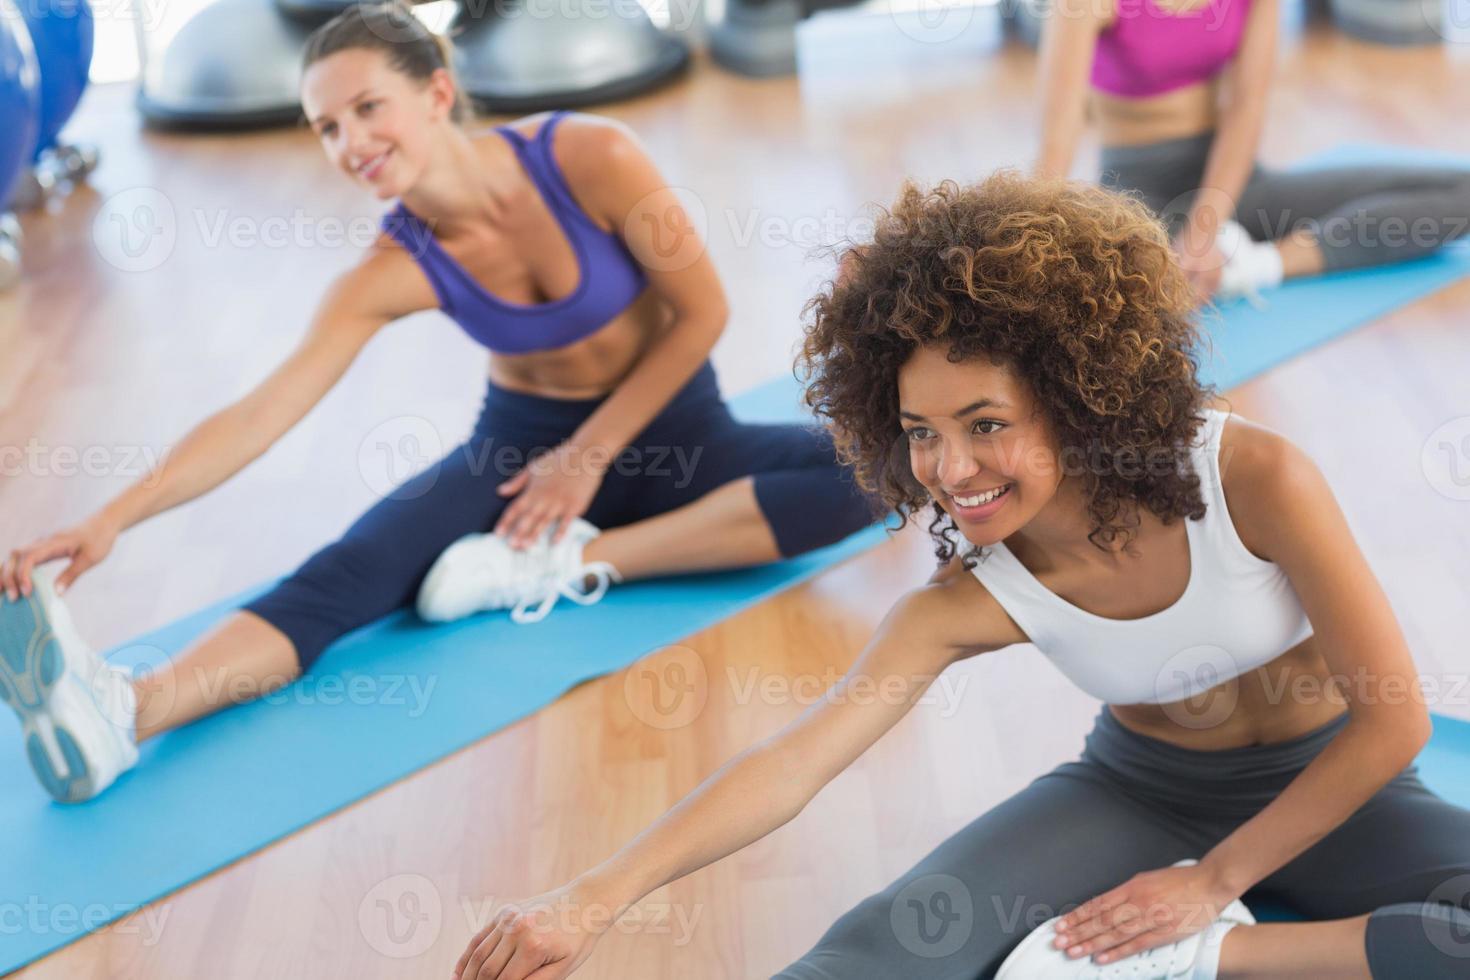 människor som gör stretchövningar i fitnessstudio foto